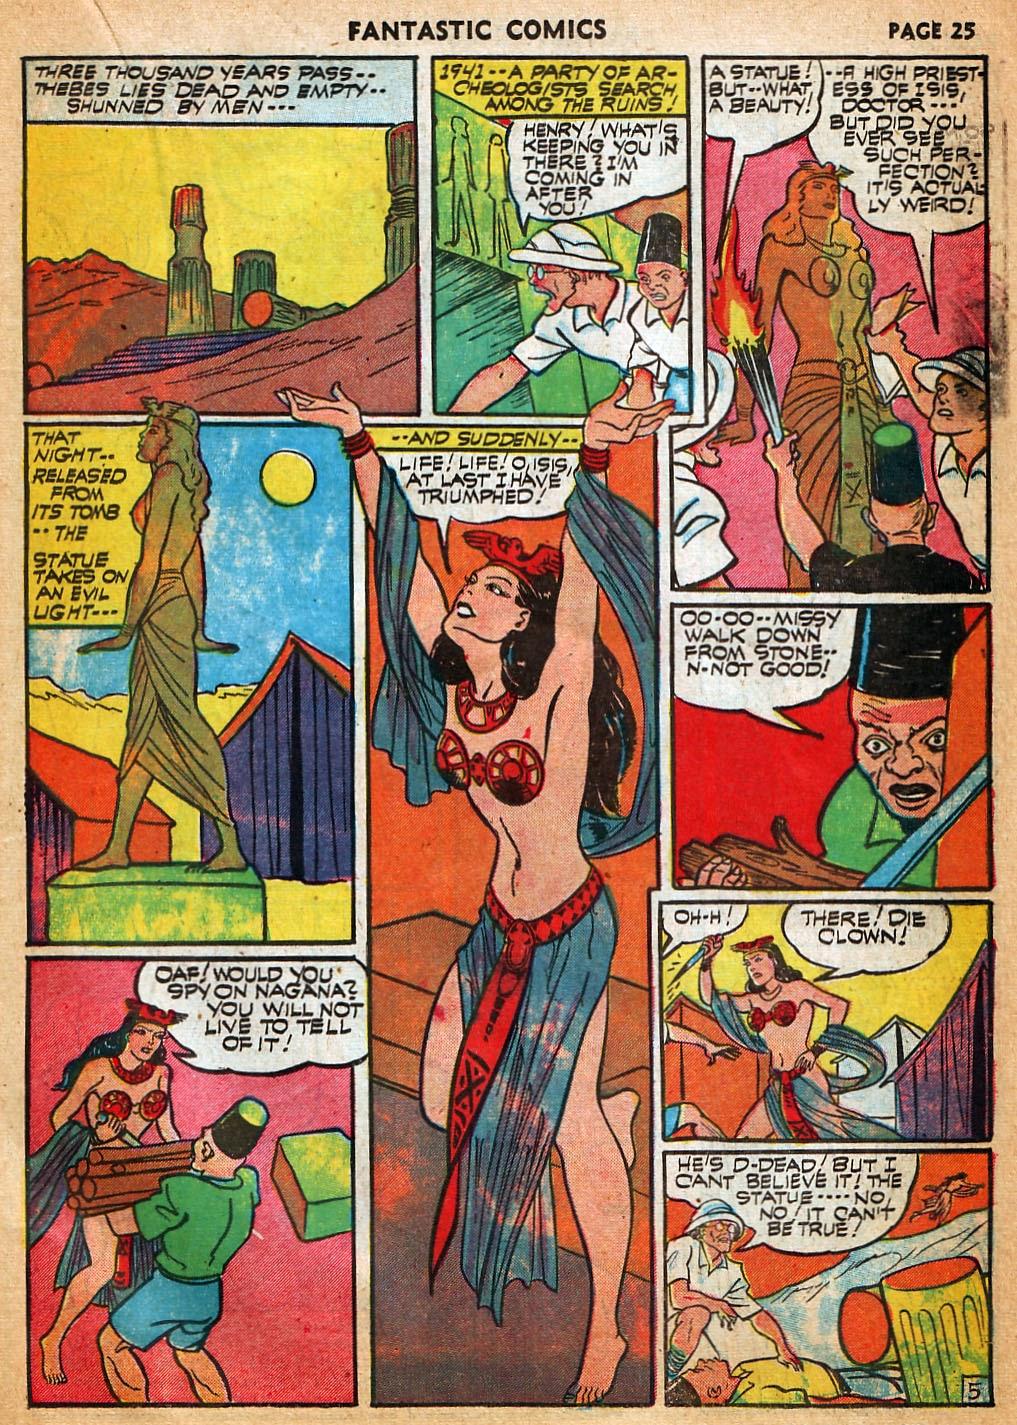 Read online Fantastic Comics comic -  Issue #22 - 27